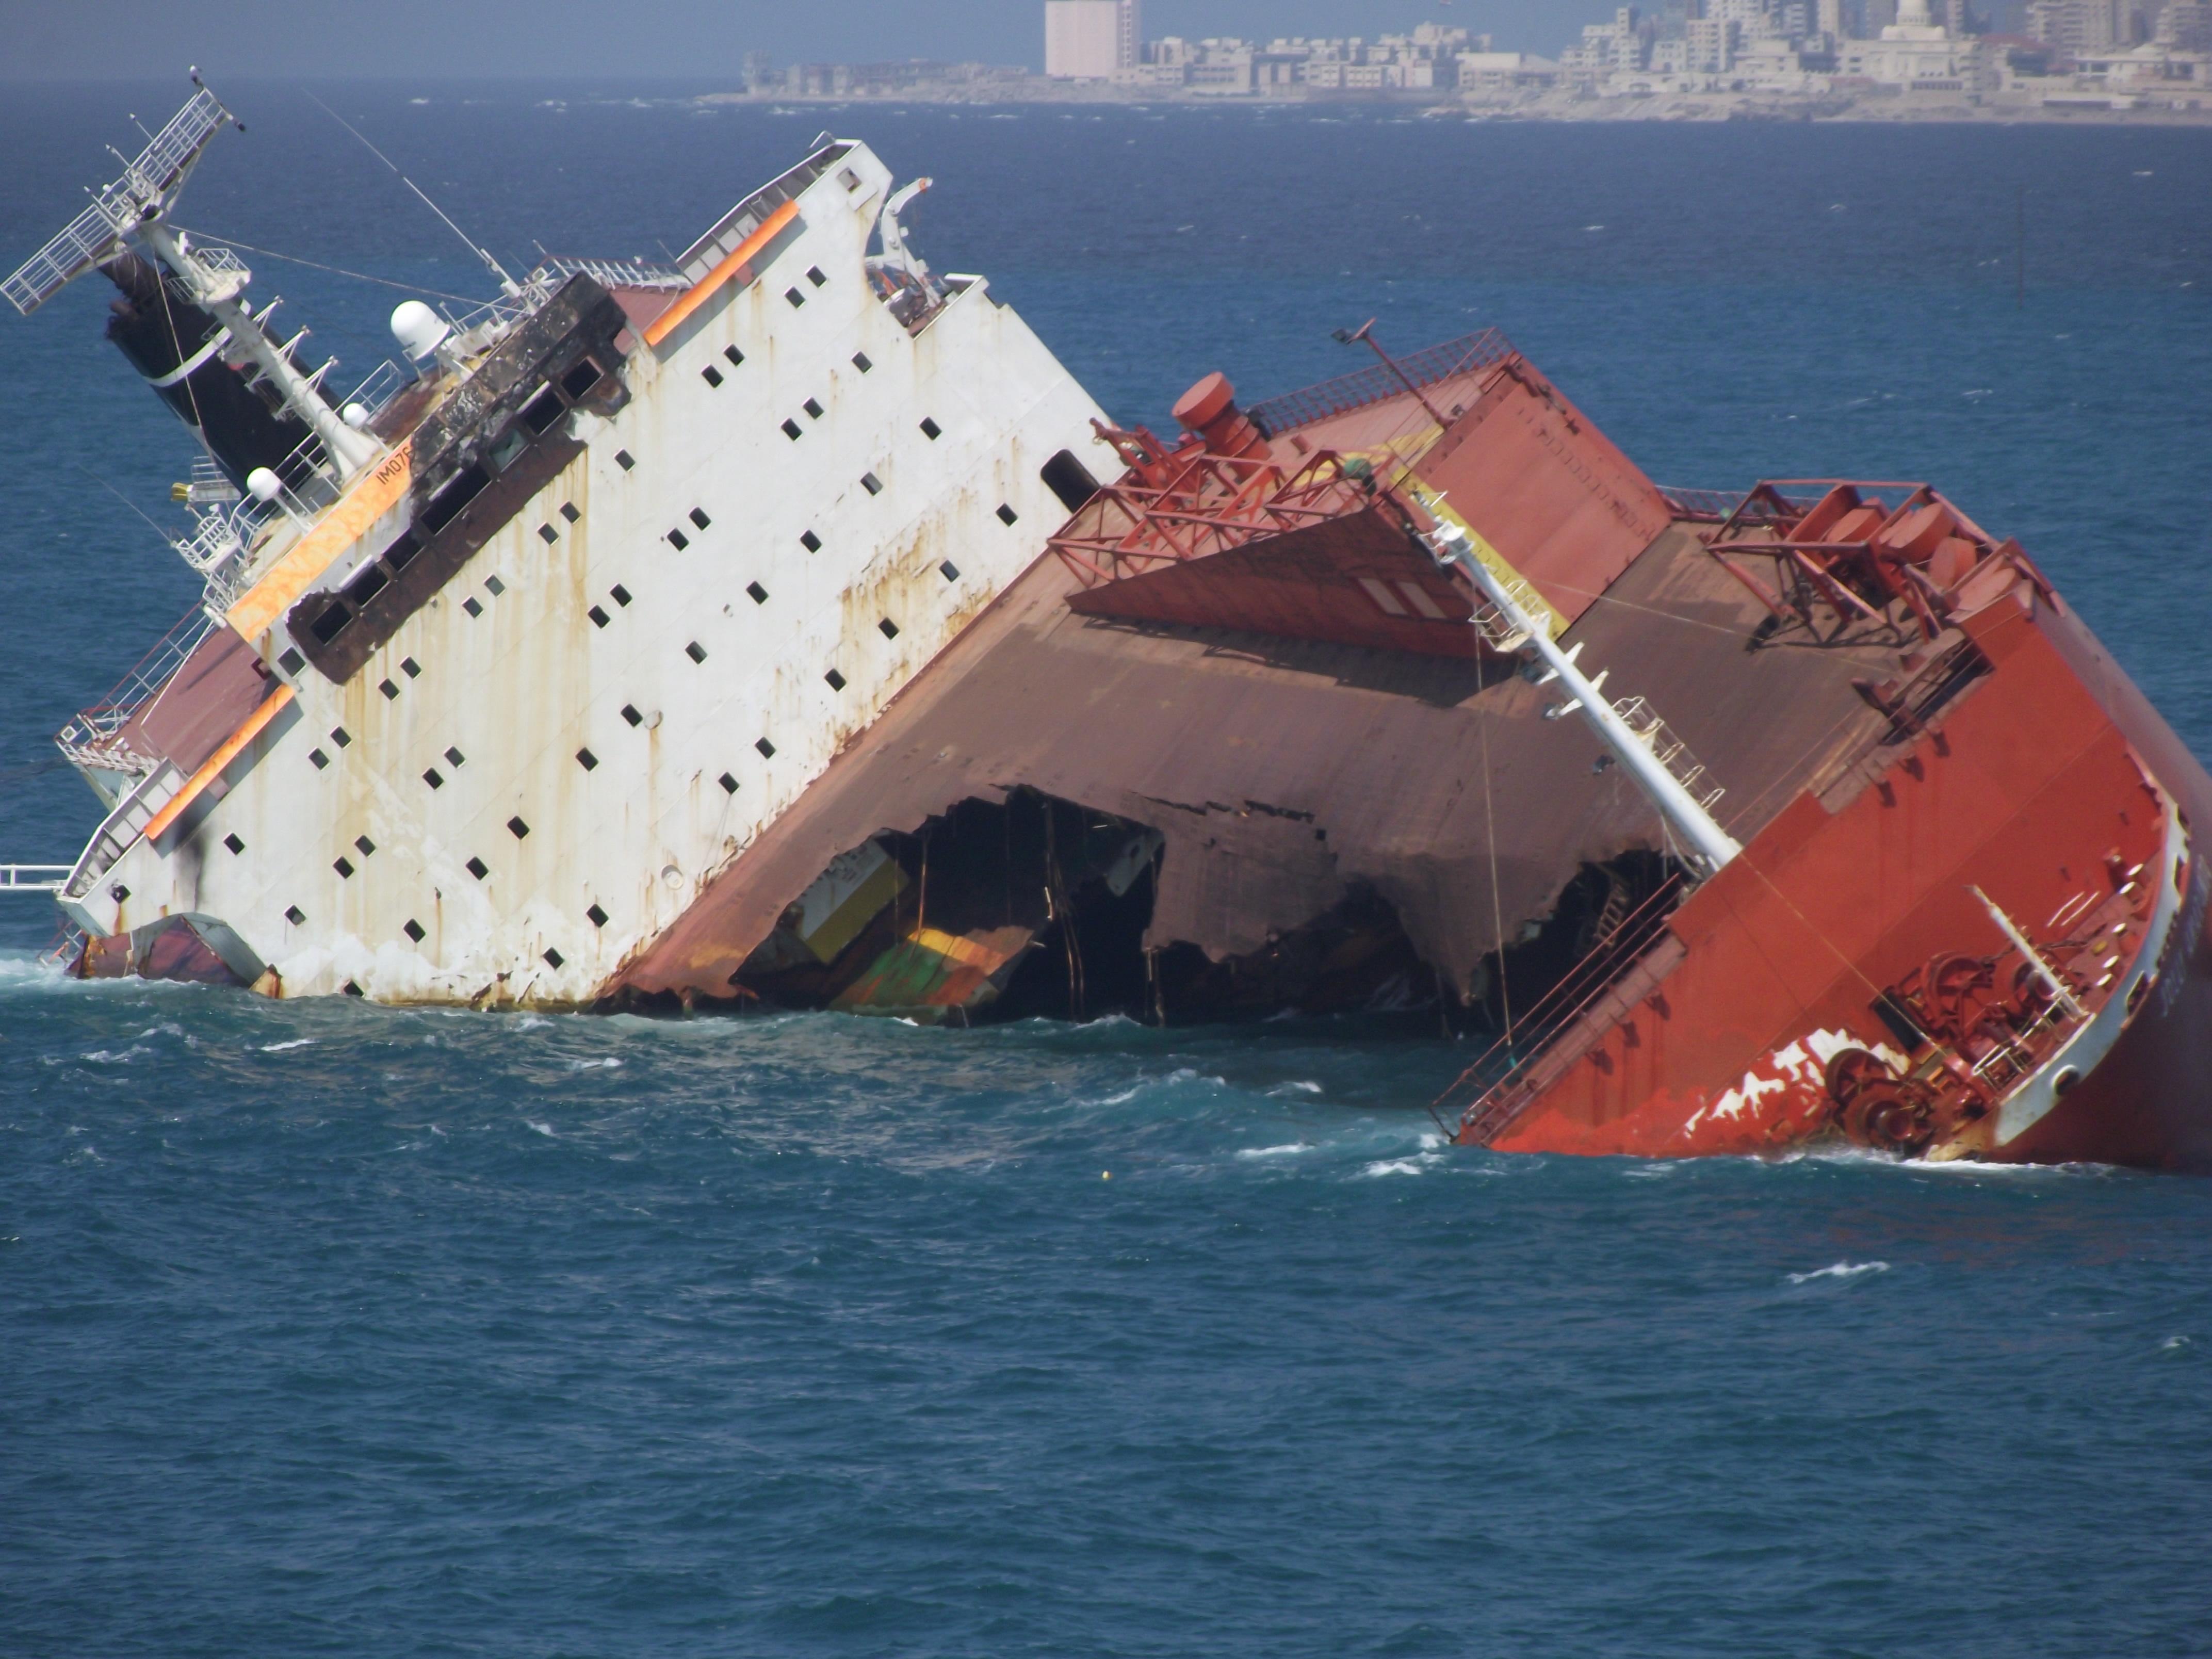 Ship wreck photo